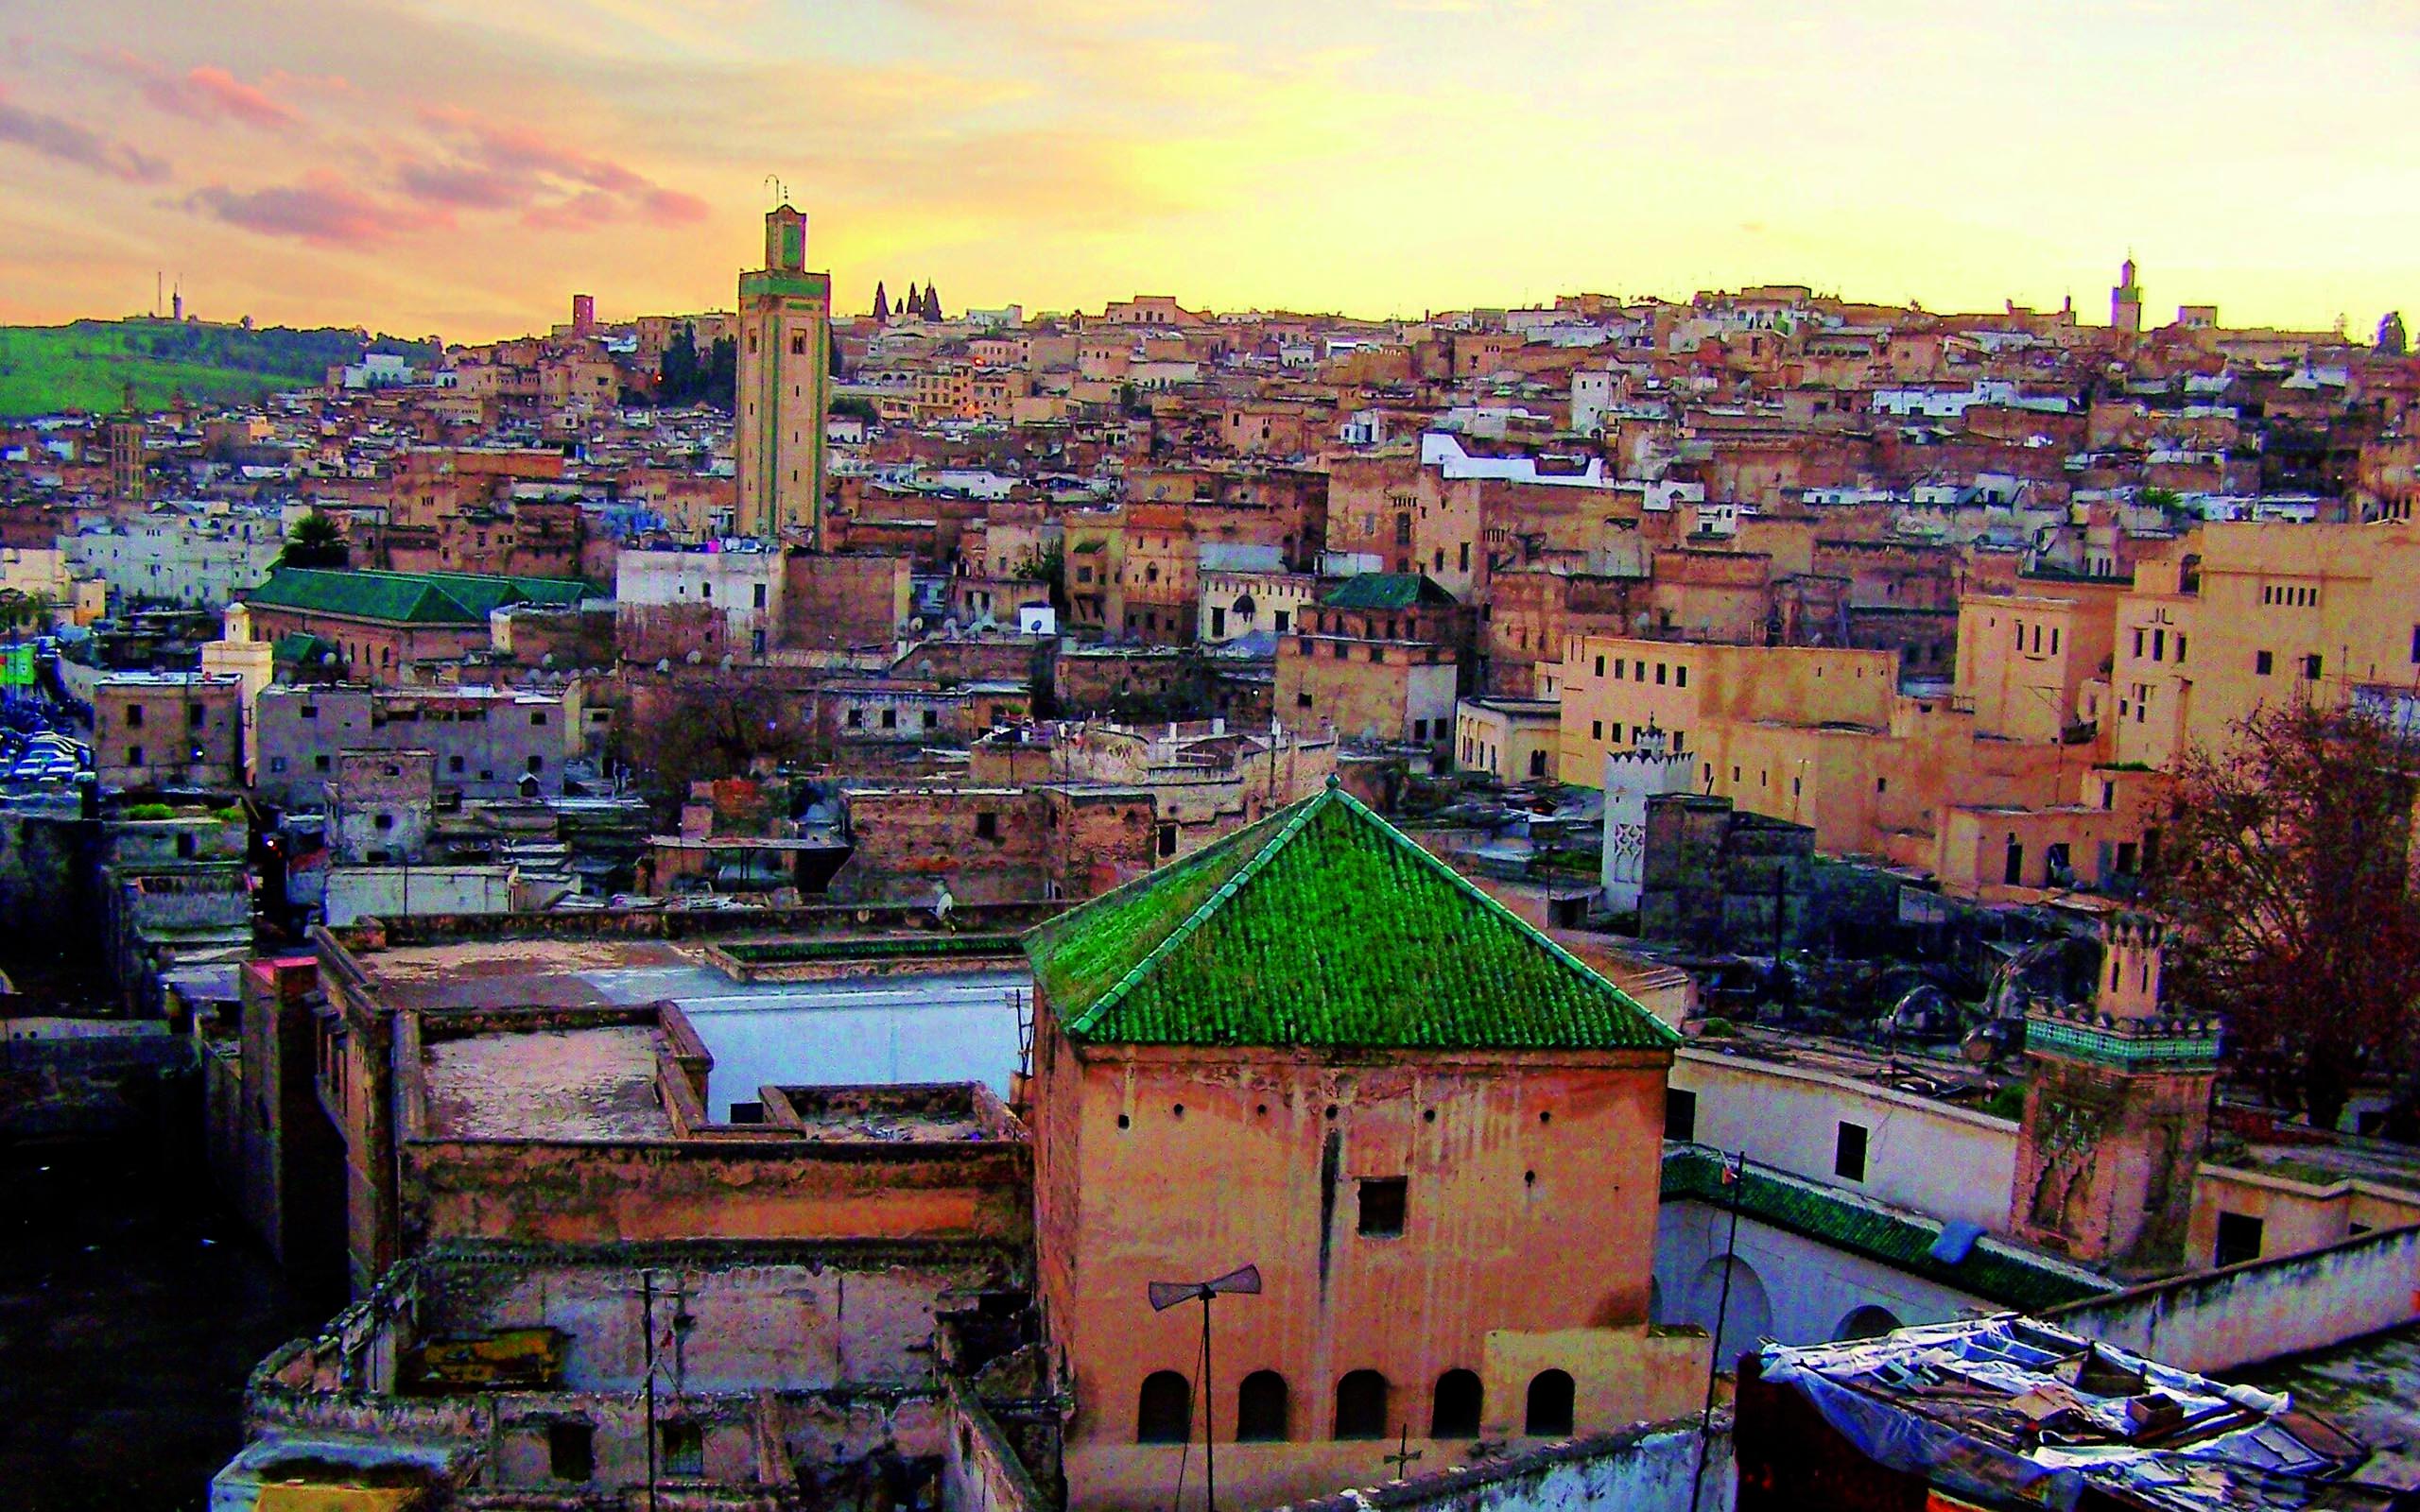 مونتاج لمجموعة صور لمدينة مراكش